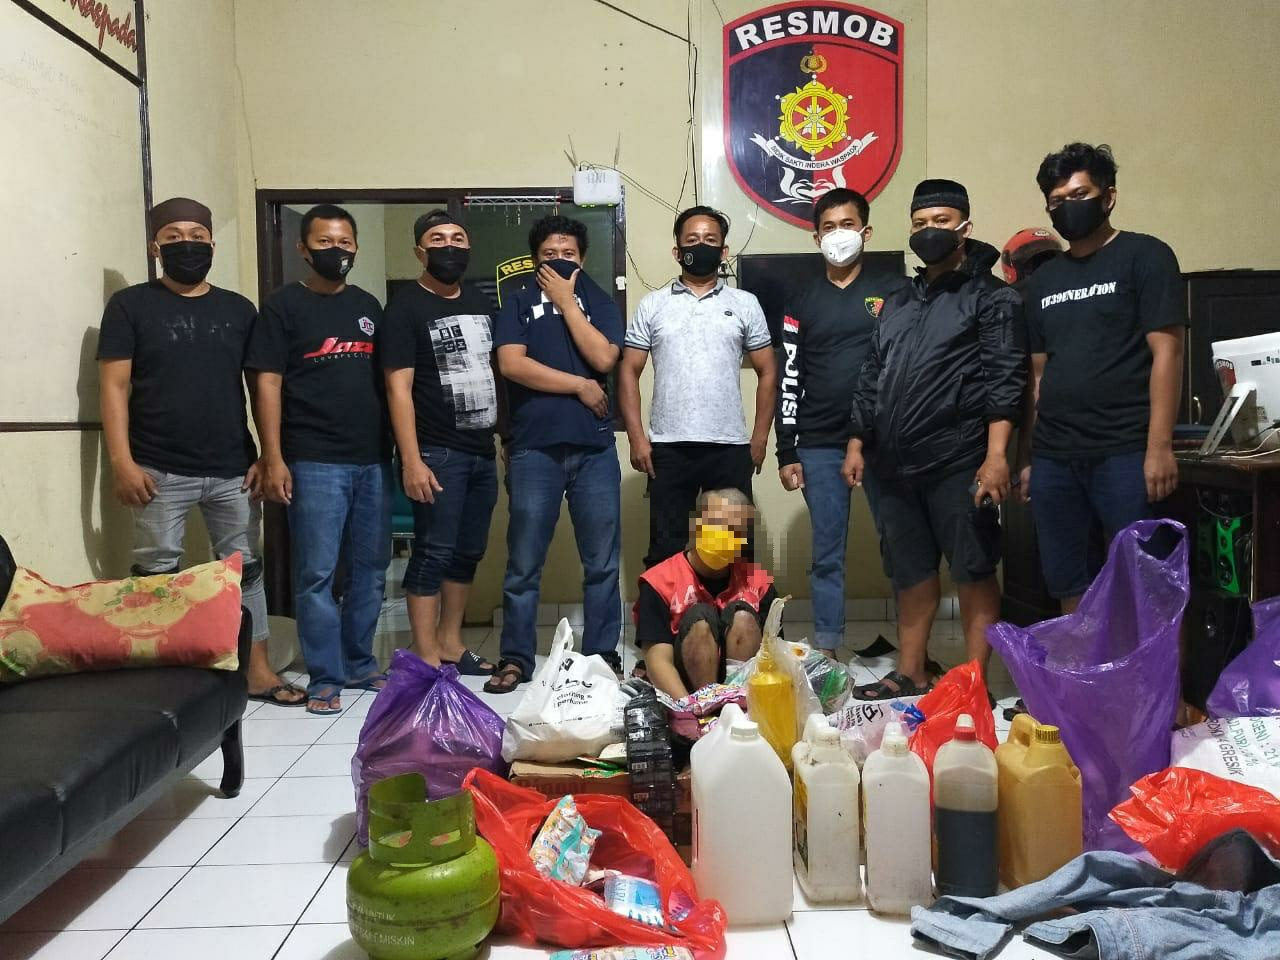 Resahkan Warga, SY Pelaku Pencurian Di Soppeng Berhasil Ditangkap Resmob Polres Soppeng